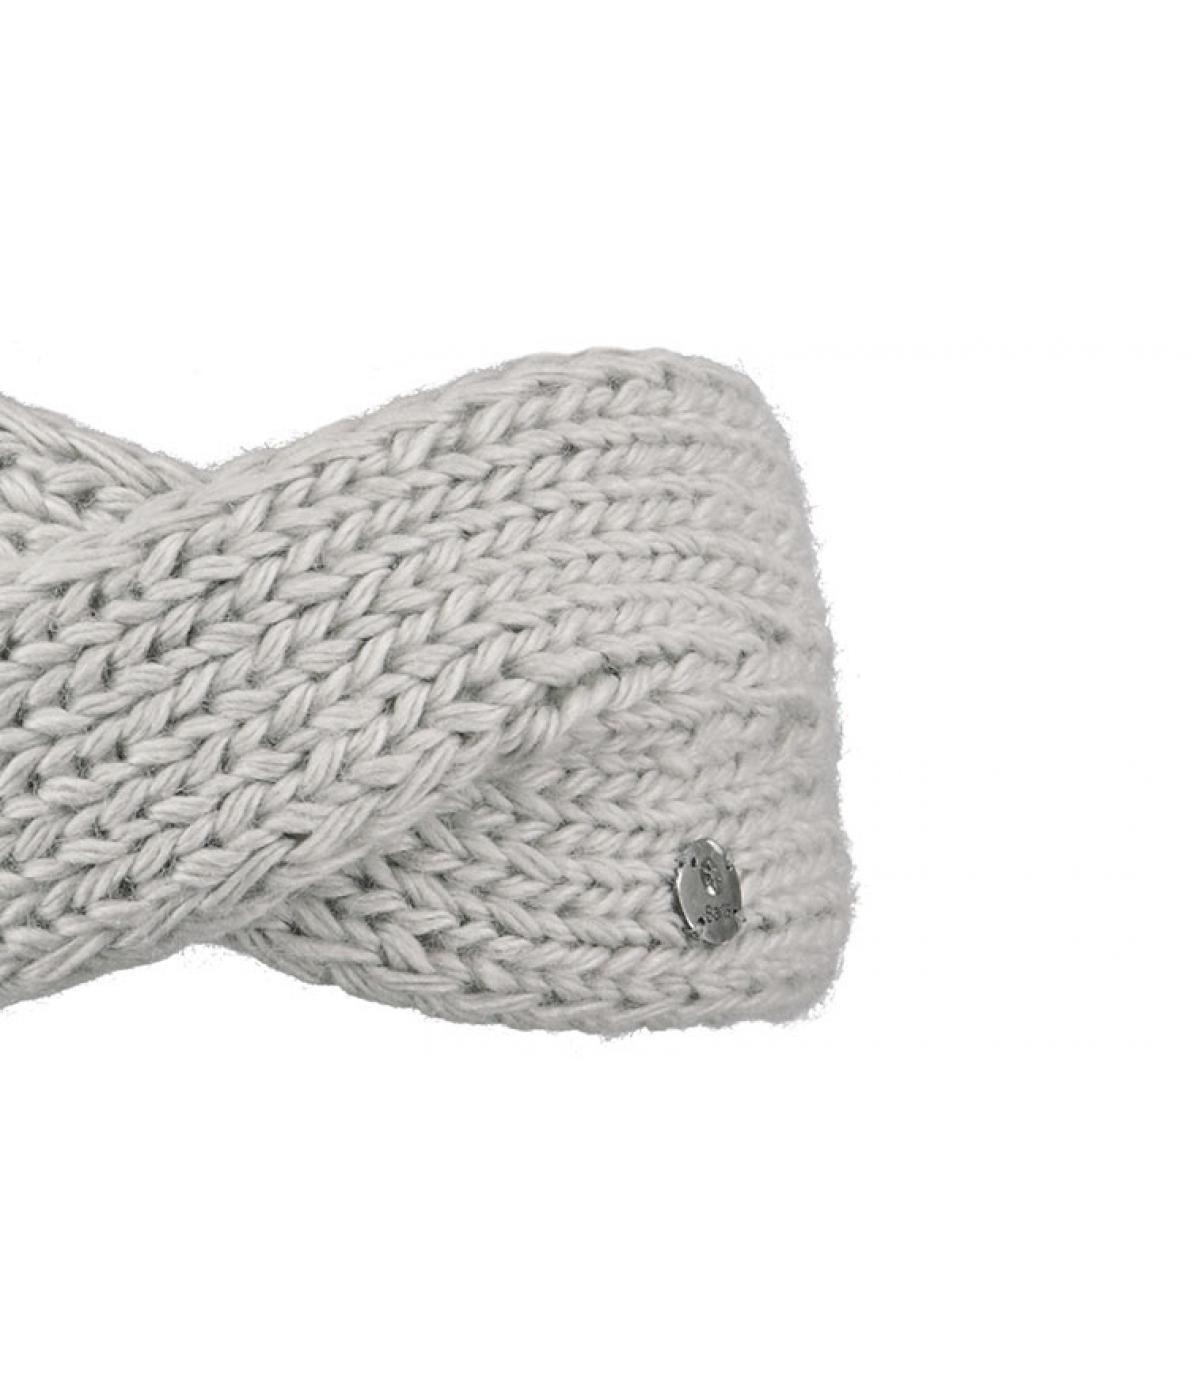 Detalles Yogi Headband oyster imagen 3